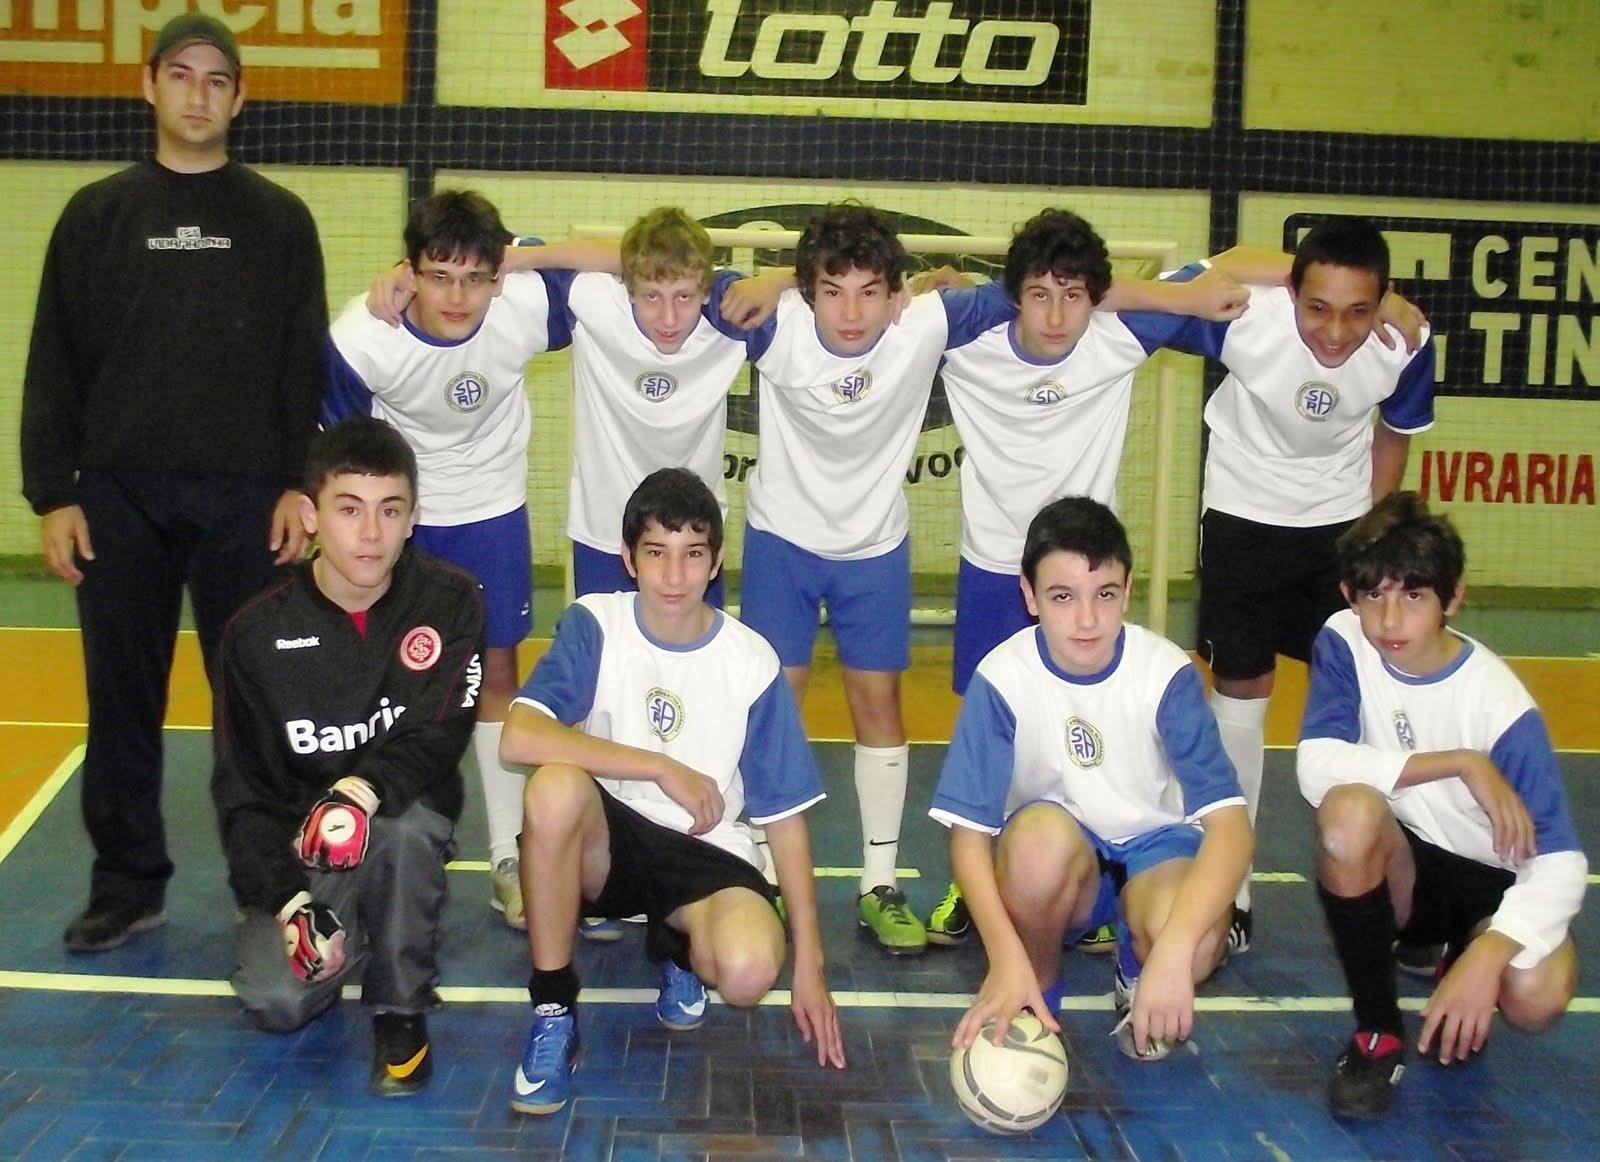 79afdb01a0 Citadino Sport Line de Futsal Categorias De Base – Edição 2011 – Camaquã RS